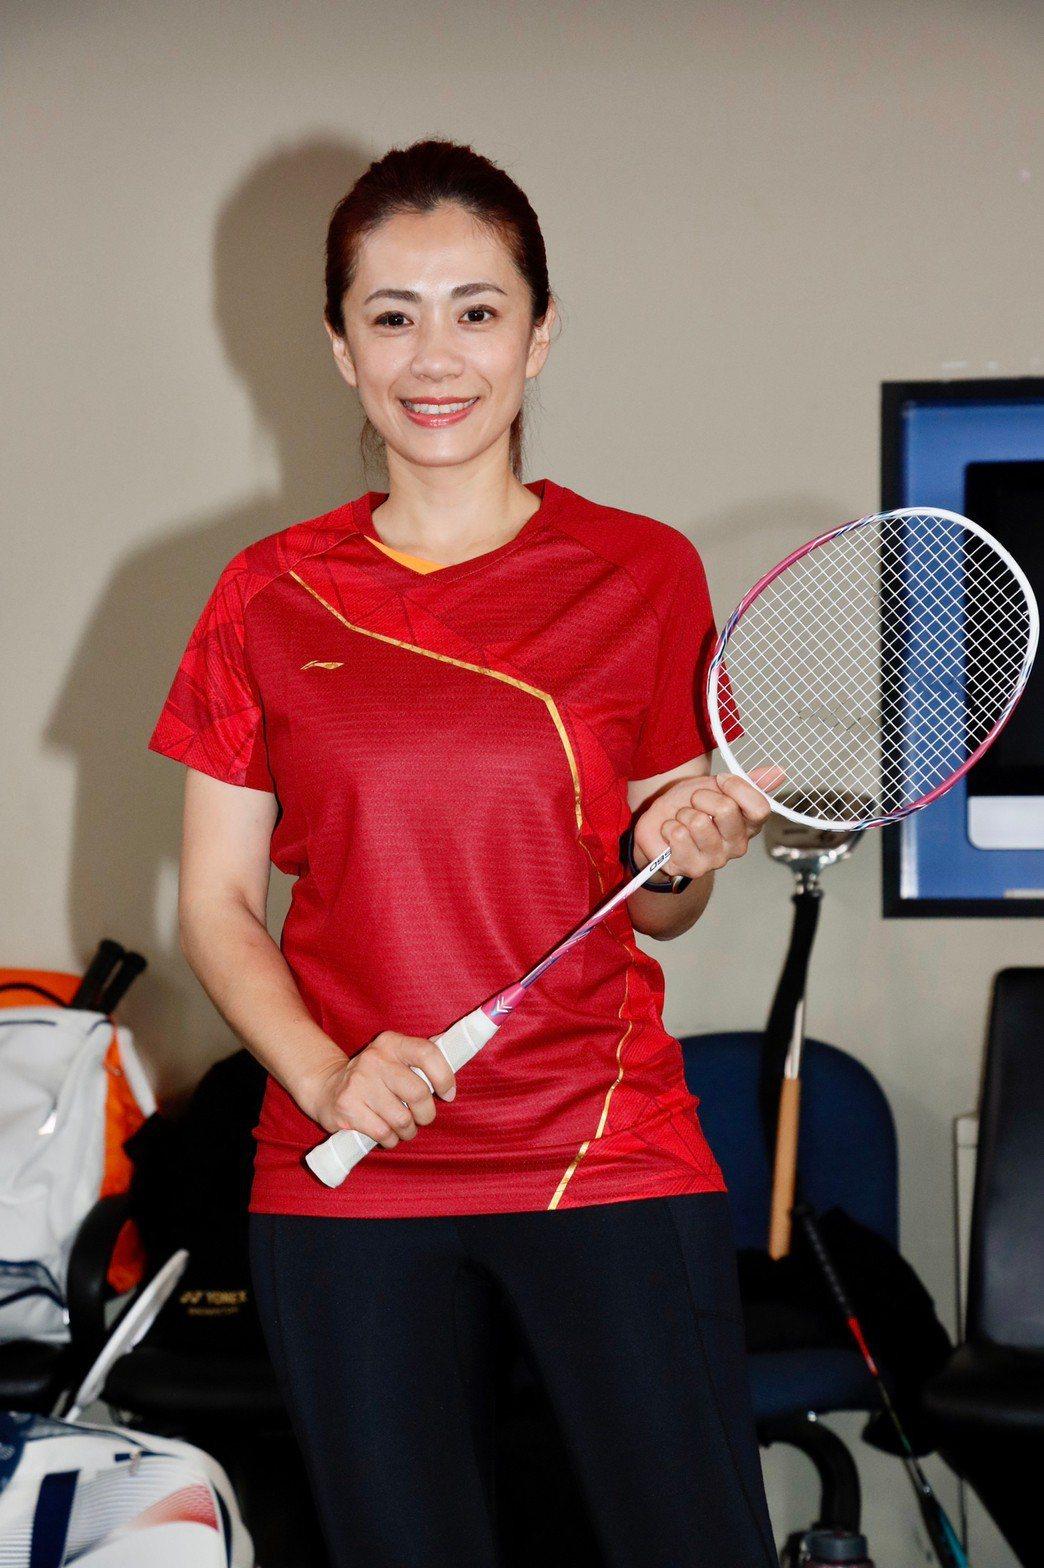 柯以柔出席全明星羽球賽。記者李政龍/攝影